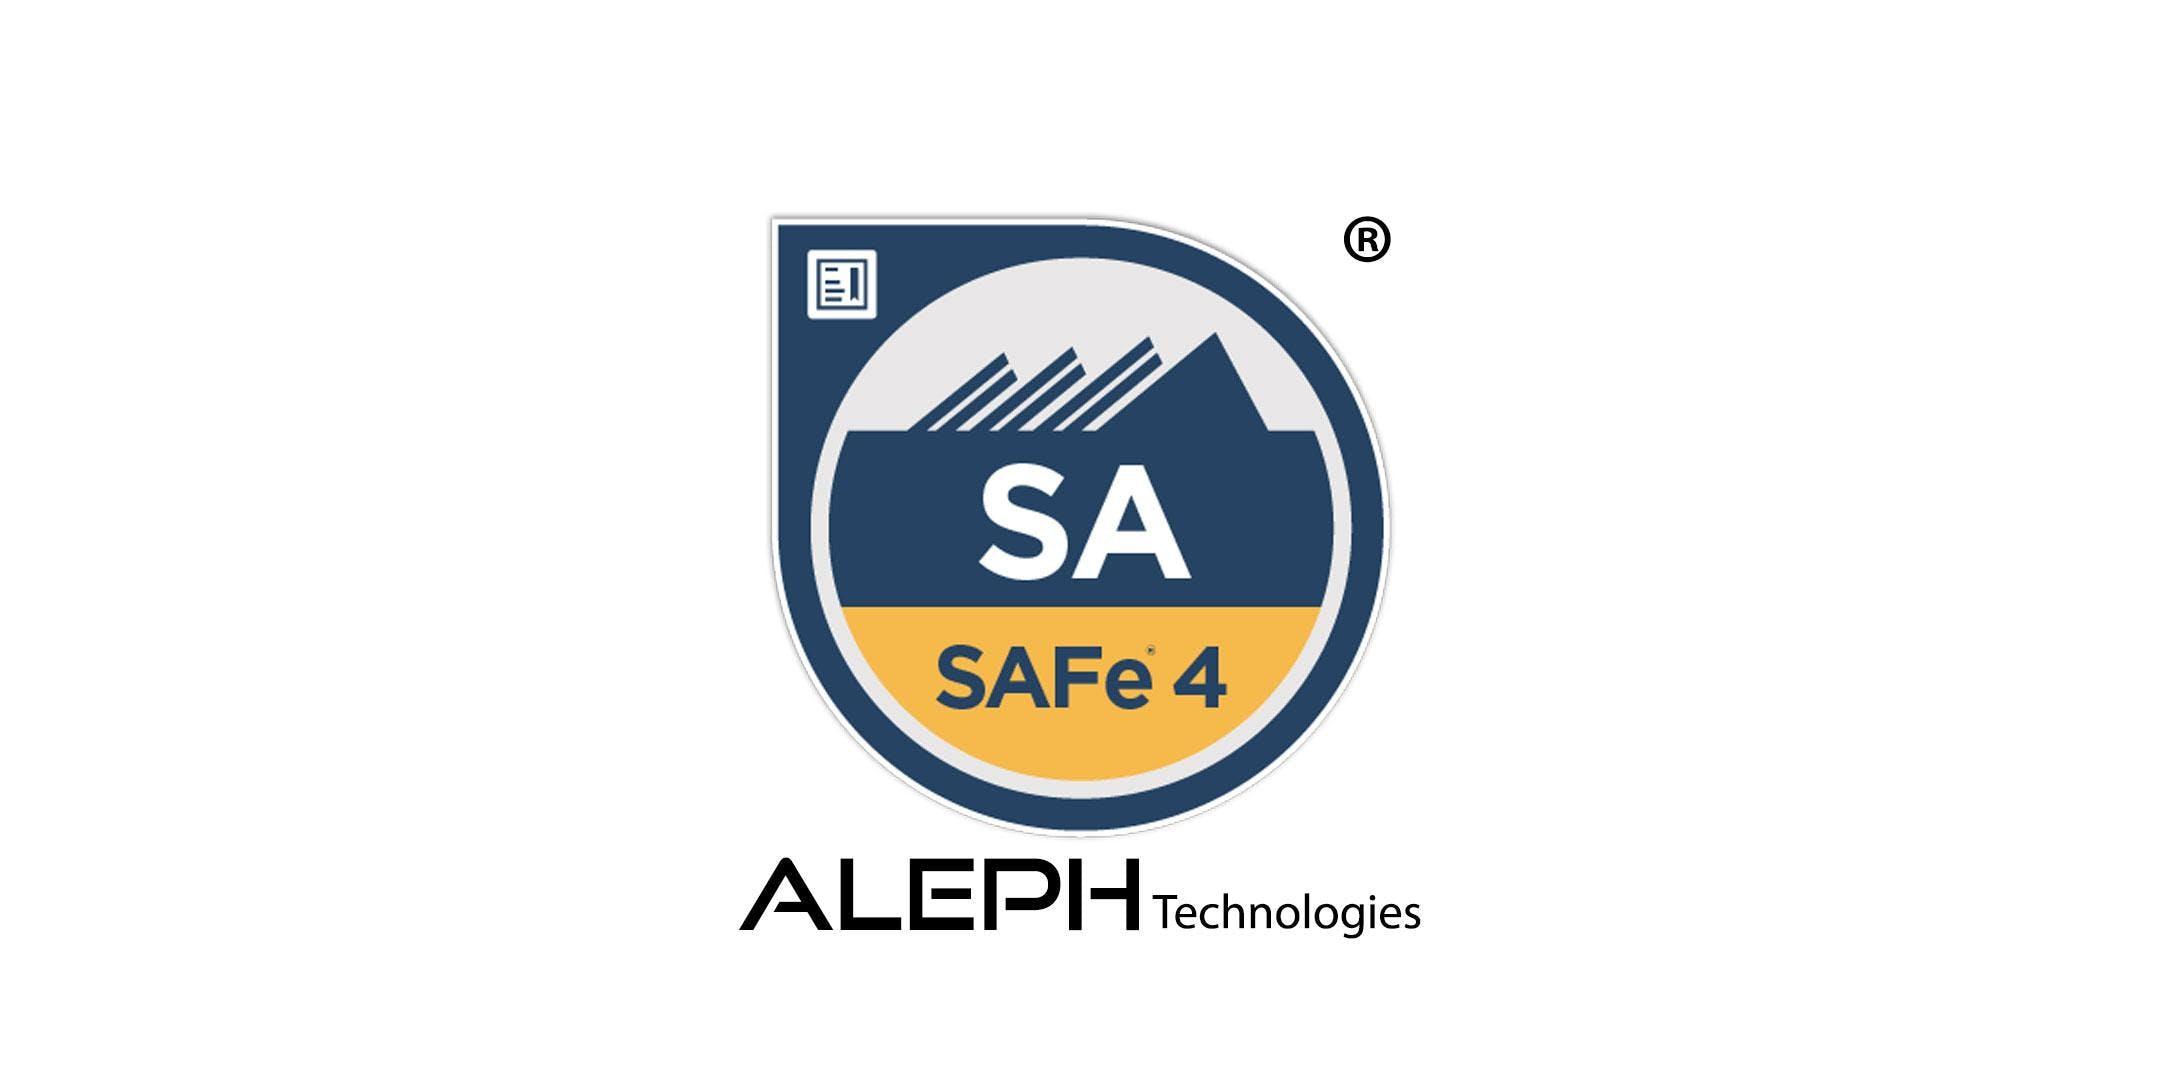 Leading Safe 45 Safe Agilistsa Certification Workshop Austin